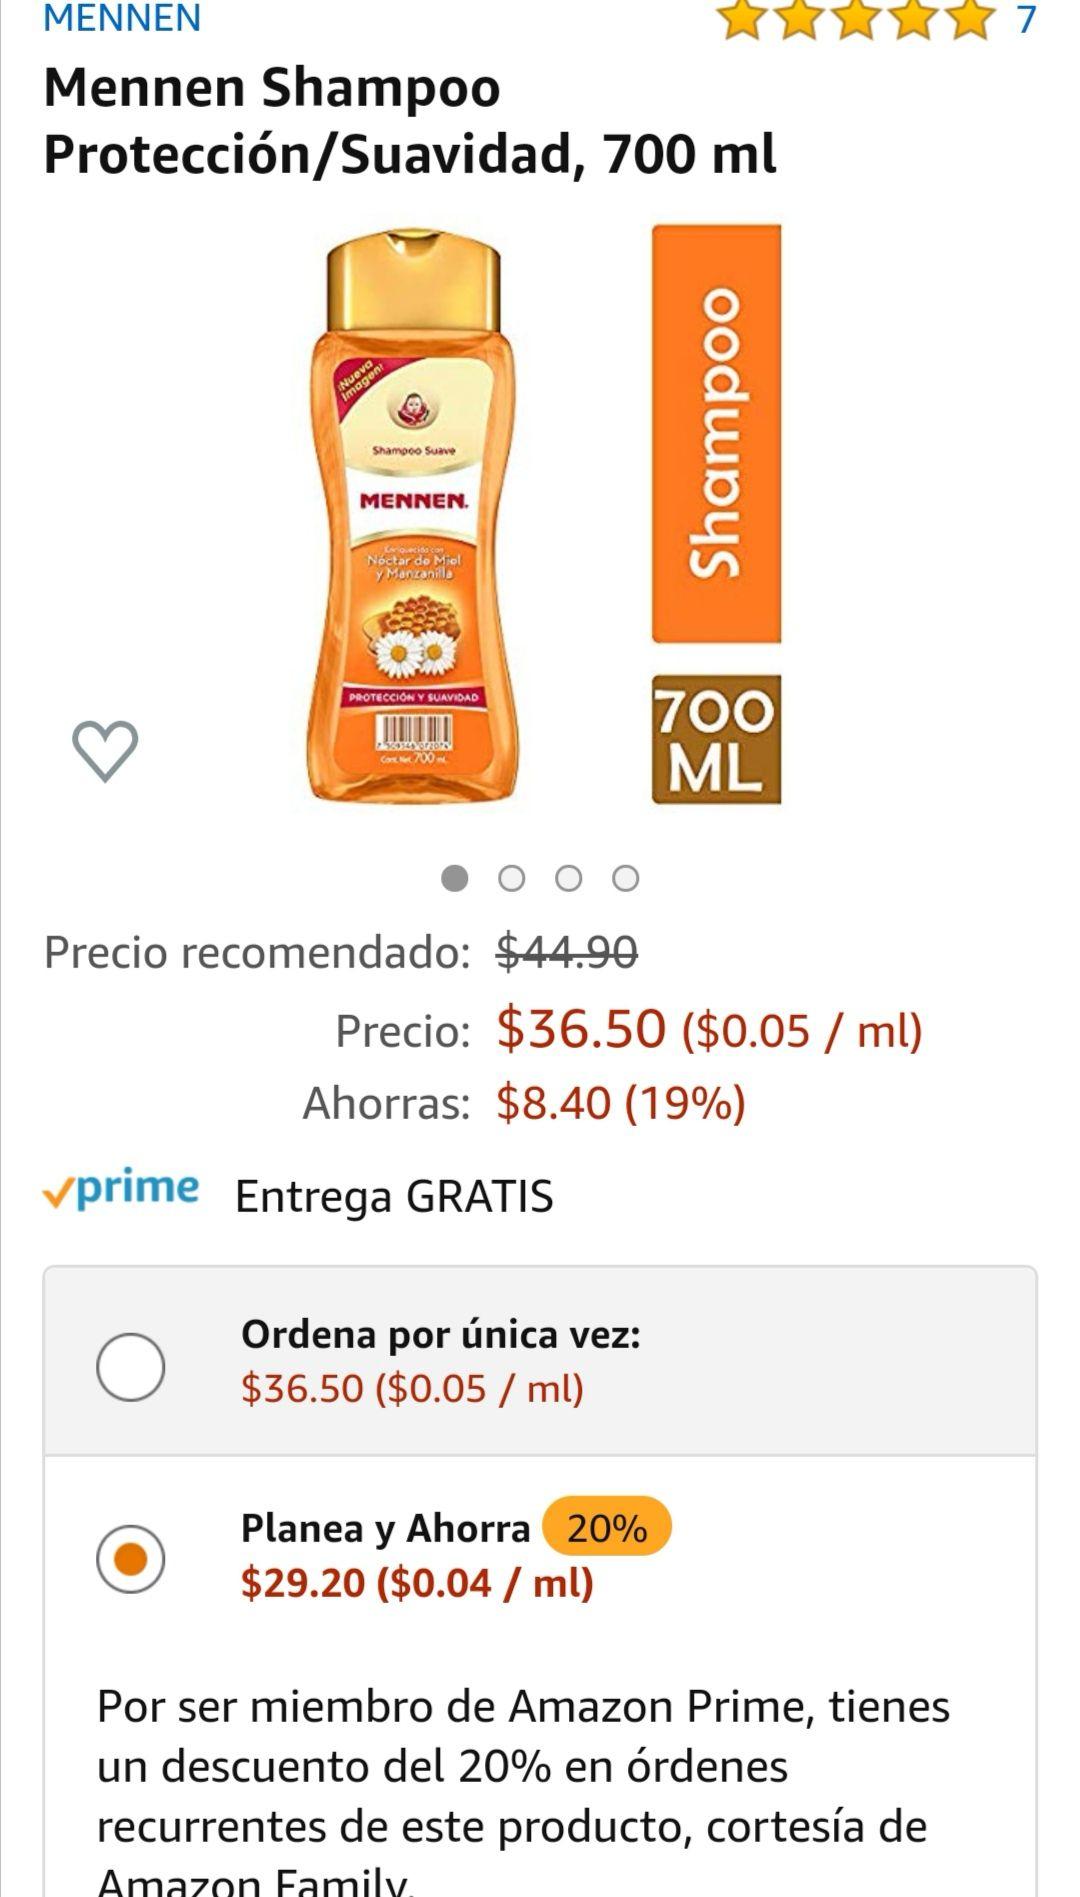 Amazon: Shampoo Mennen Protección/Suavidad 700 ml